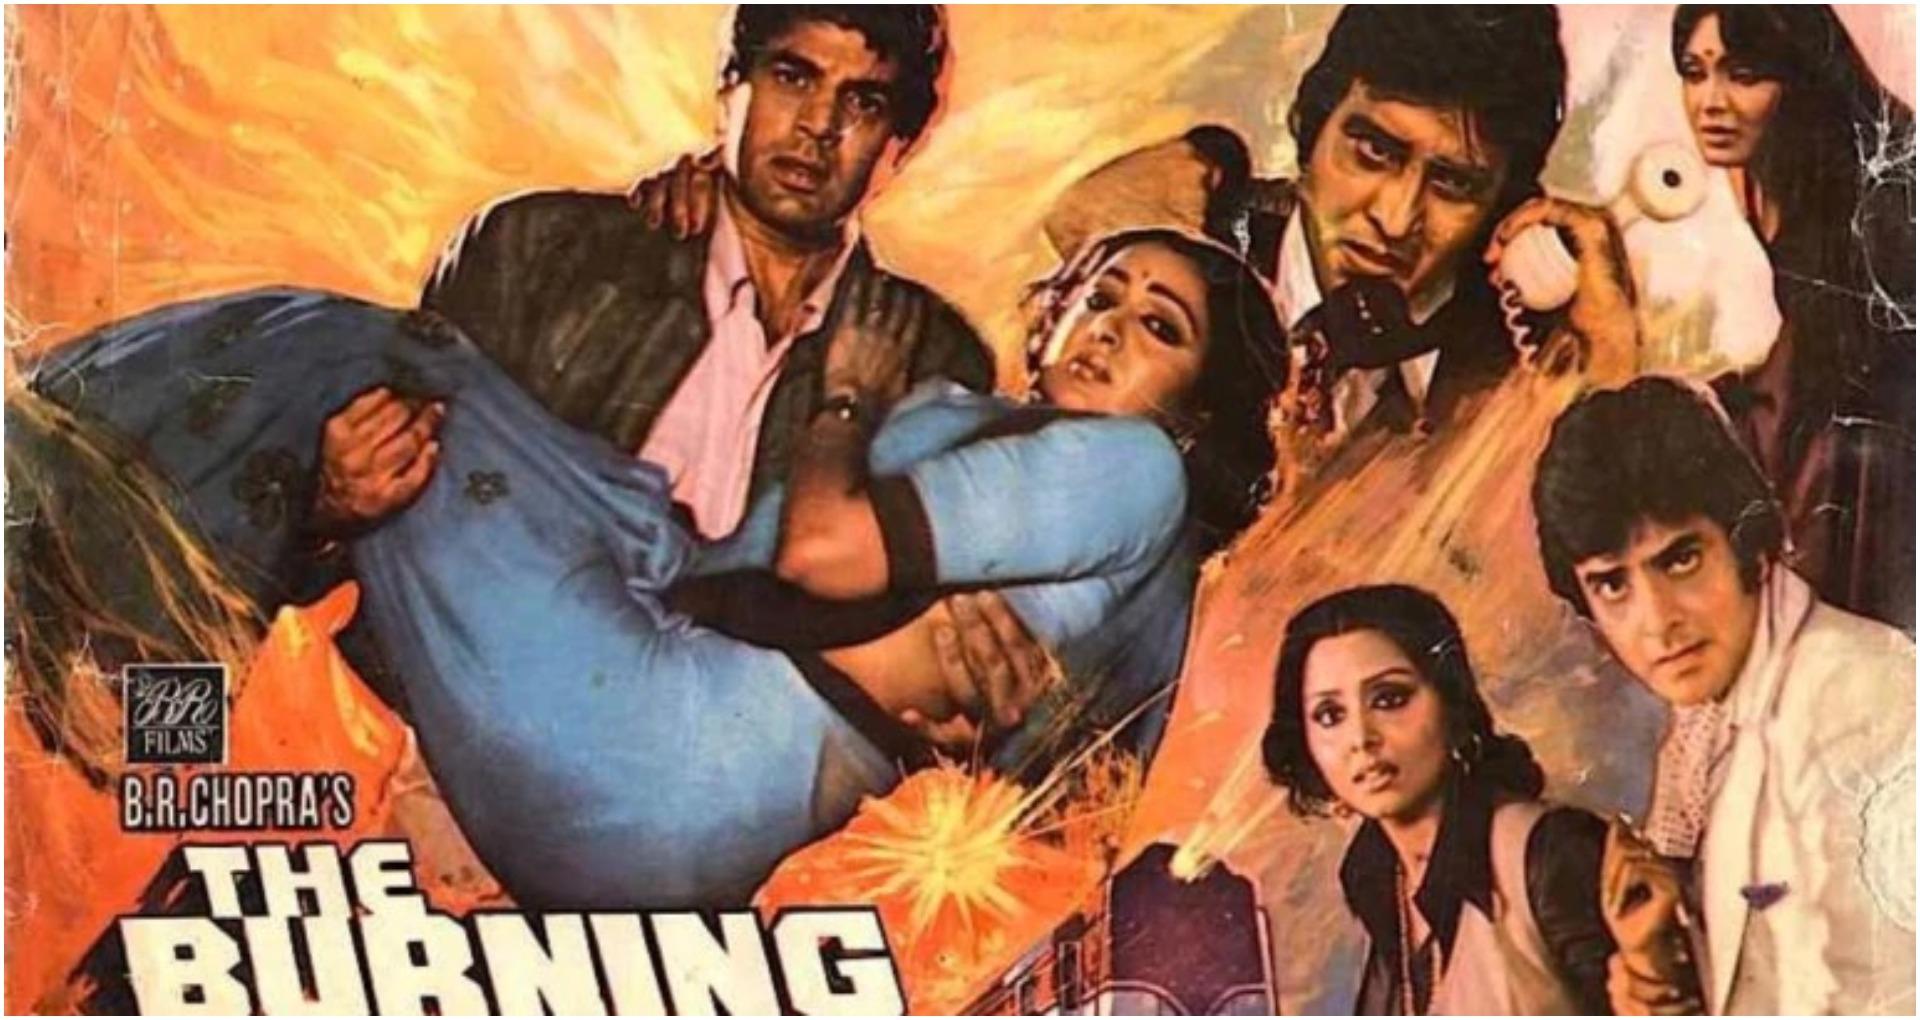 1980 में बनी फिल्म 'द बर्निंग ट्रेन' का बनेगा रीमेक, इसी साल से फिल्म की शूटिंग की होगी शुरुवात